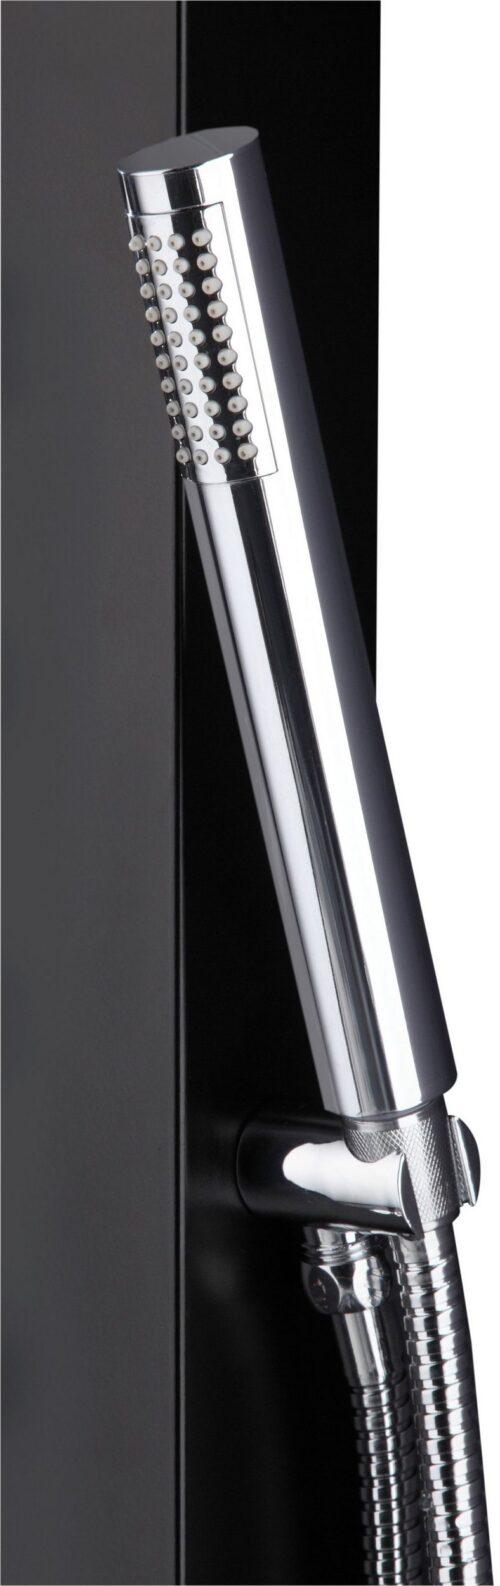 welltime Duschsäule Black Höhe 160cm Inklusive Massagedüsen & Wasserfallfunktion B38082921 ehemalige UVP 259,99€ | 38082921 4